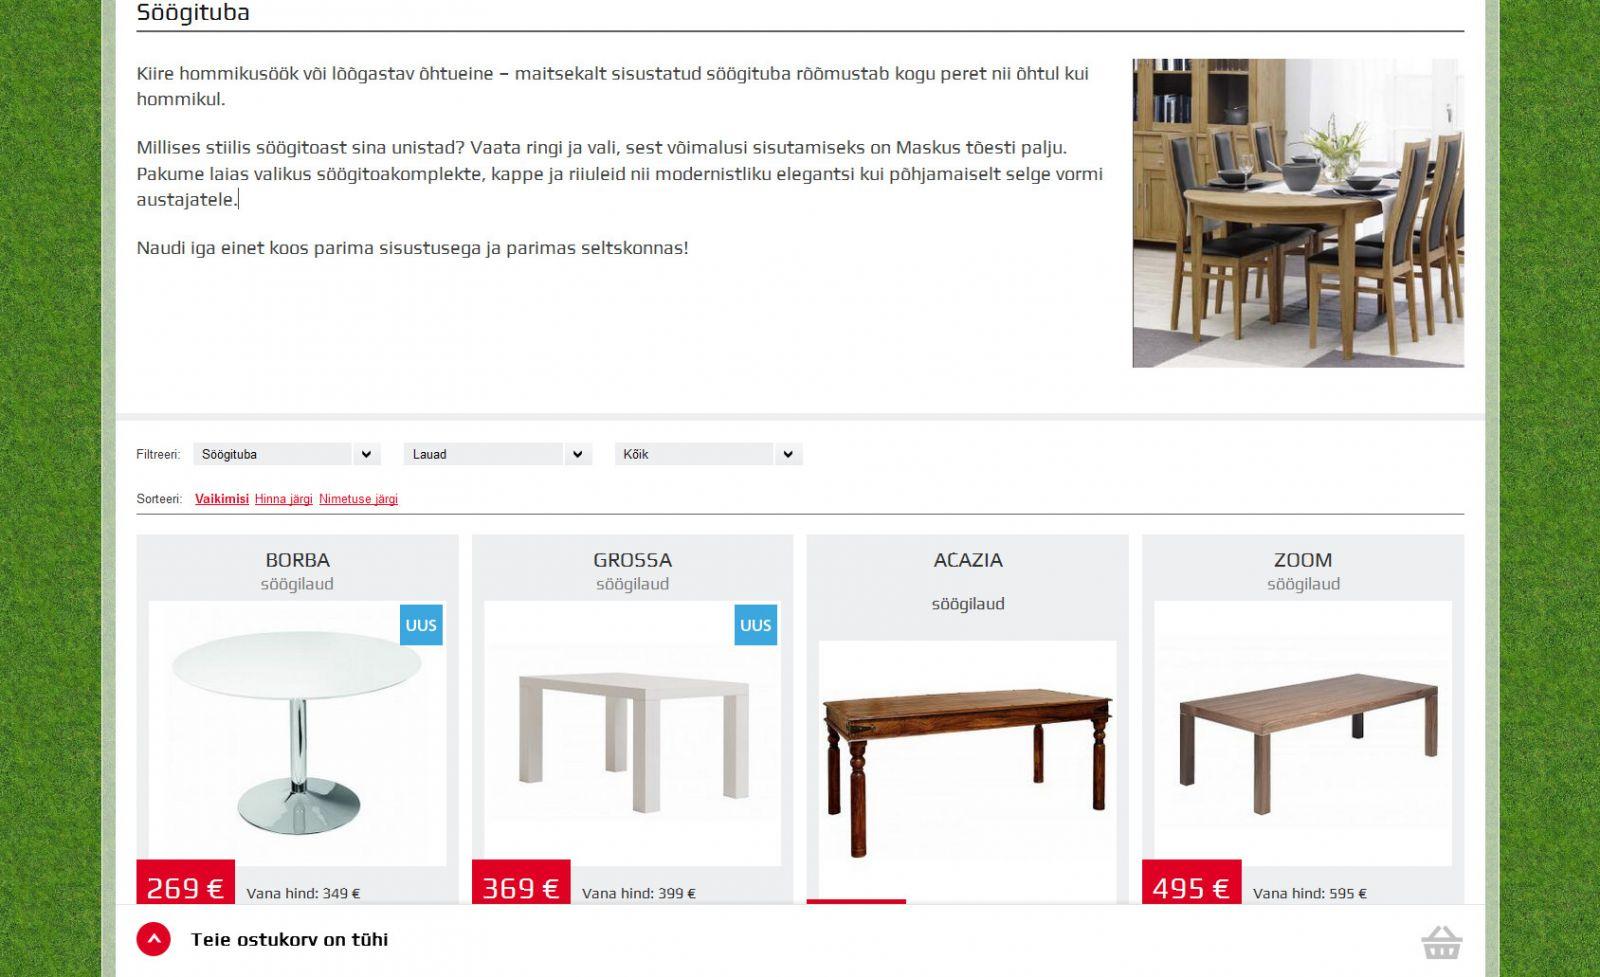 Разработка мебельного интернет-магазина Masku